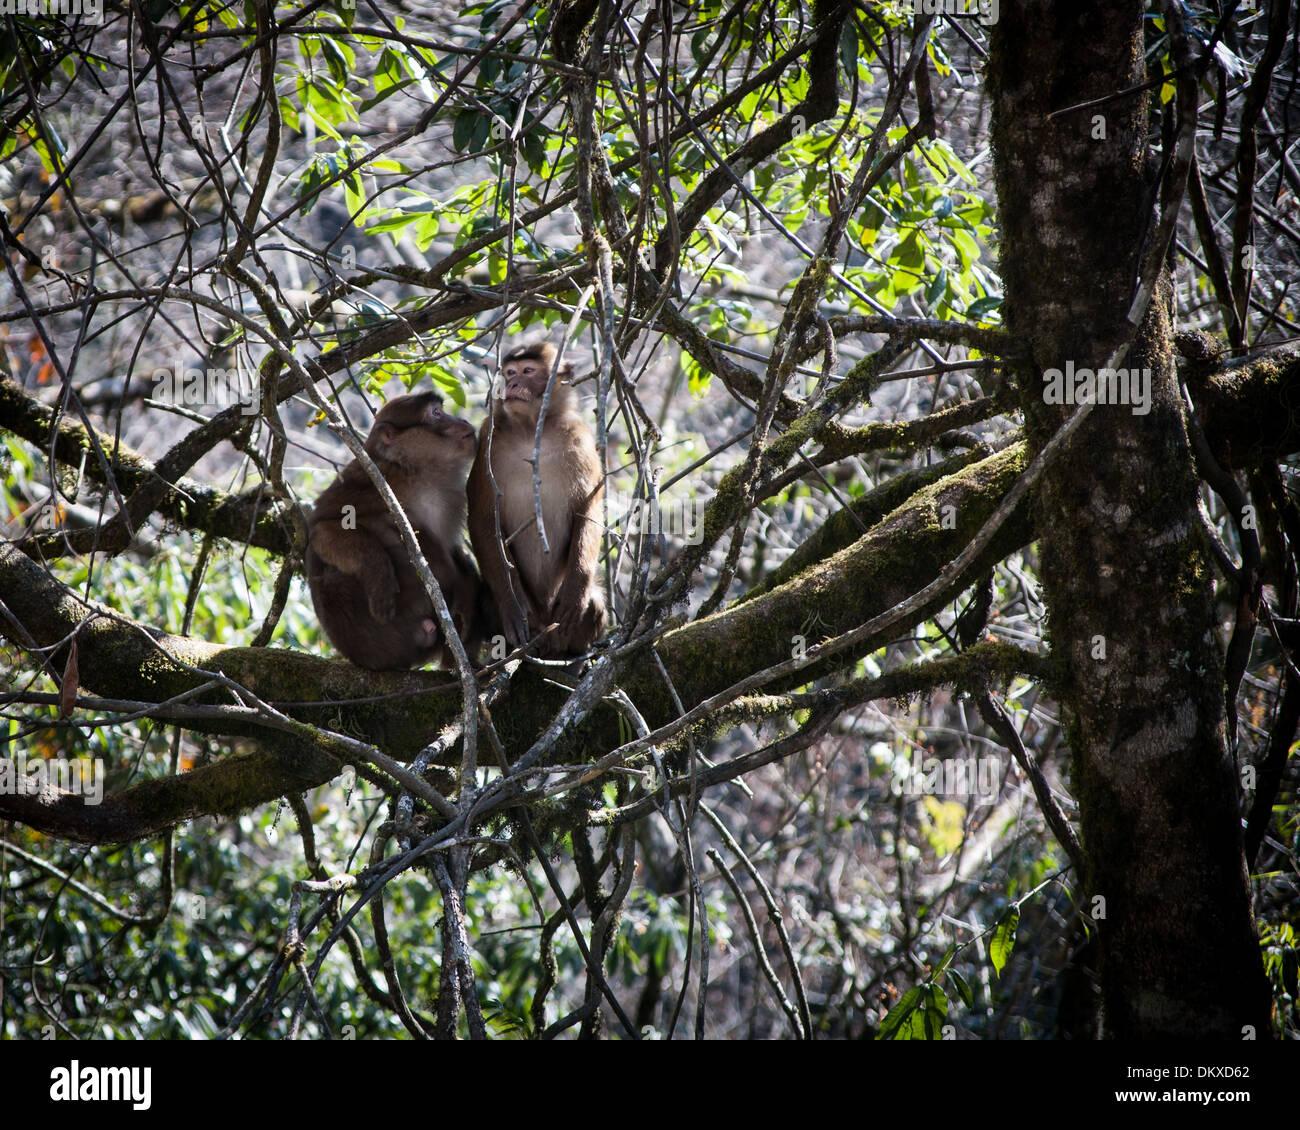 Two monkeys, Bhutan - Stock Image